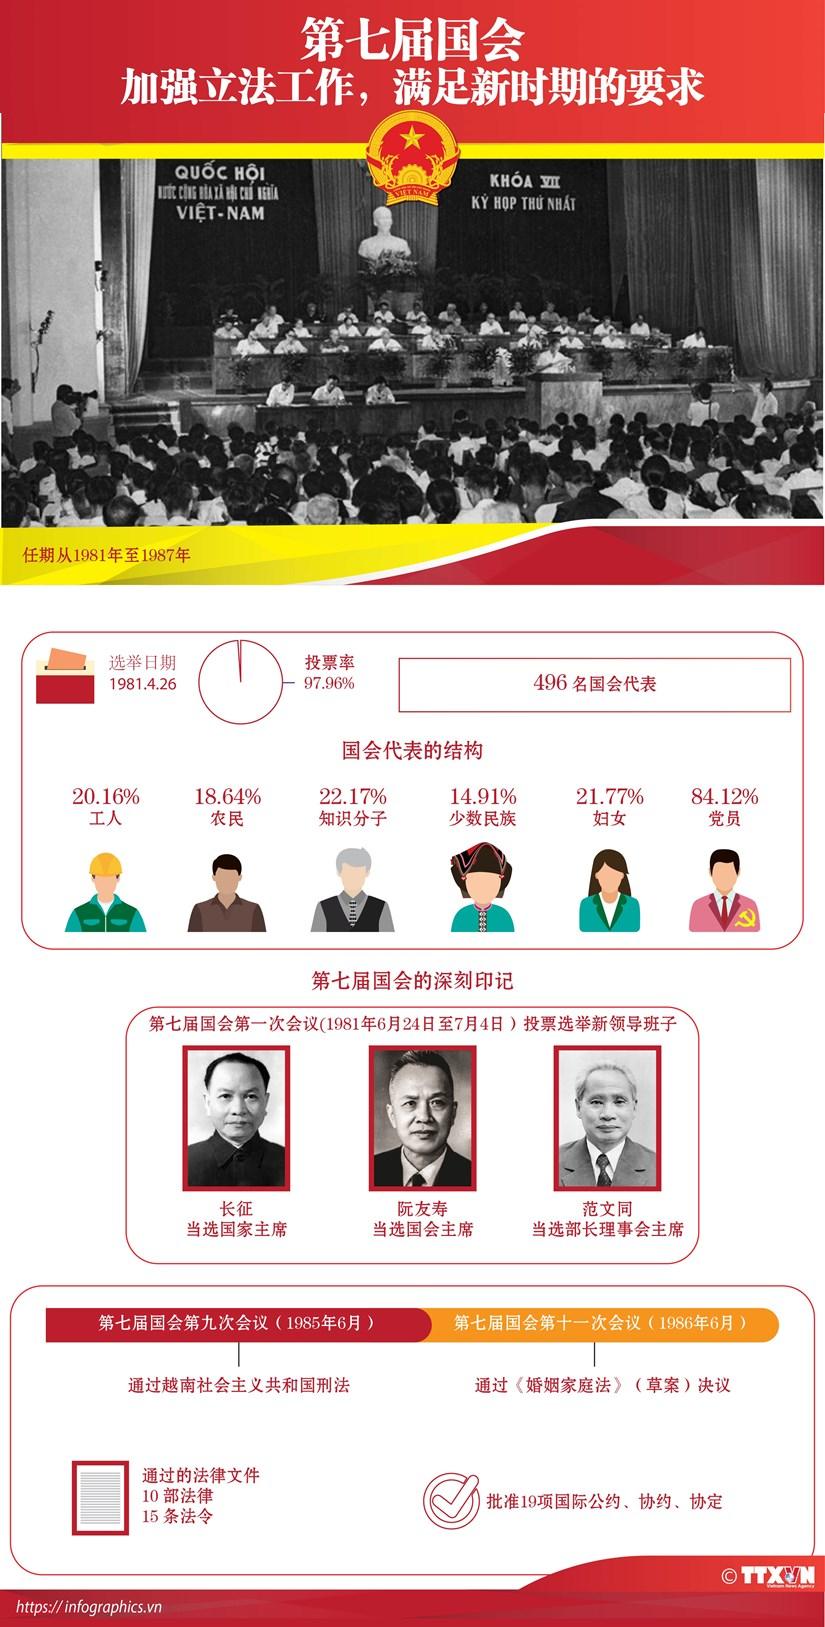 图表新闻:第七届国会:加强立法工作 满足新时期的要求 hinh anh 1